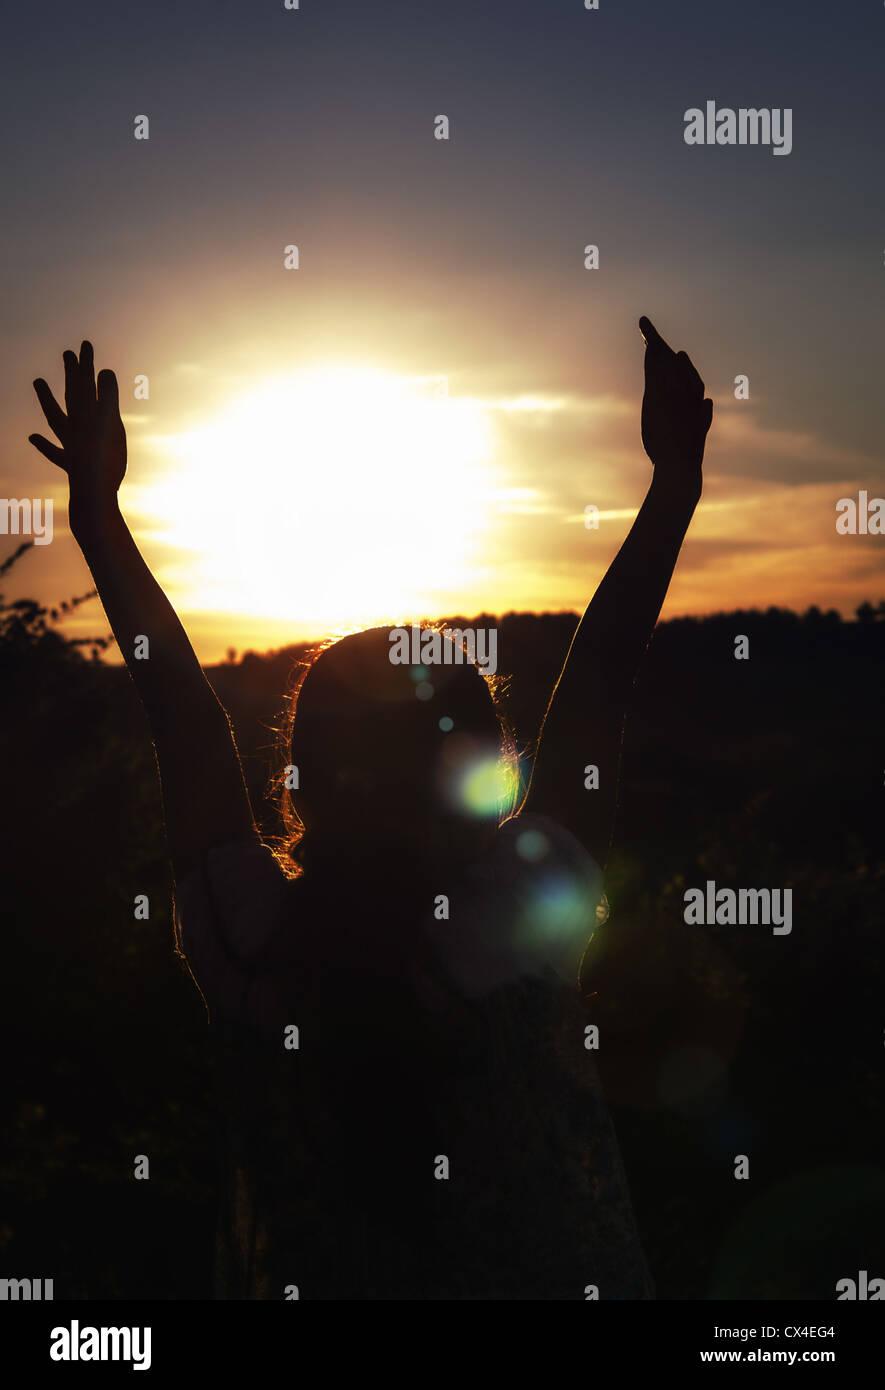 Niña con manos arriba alrededor del sol al atardecer Imagen De Stock